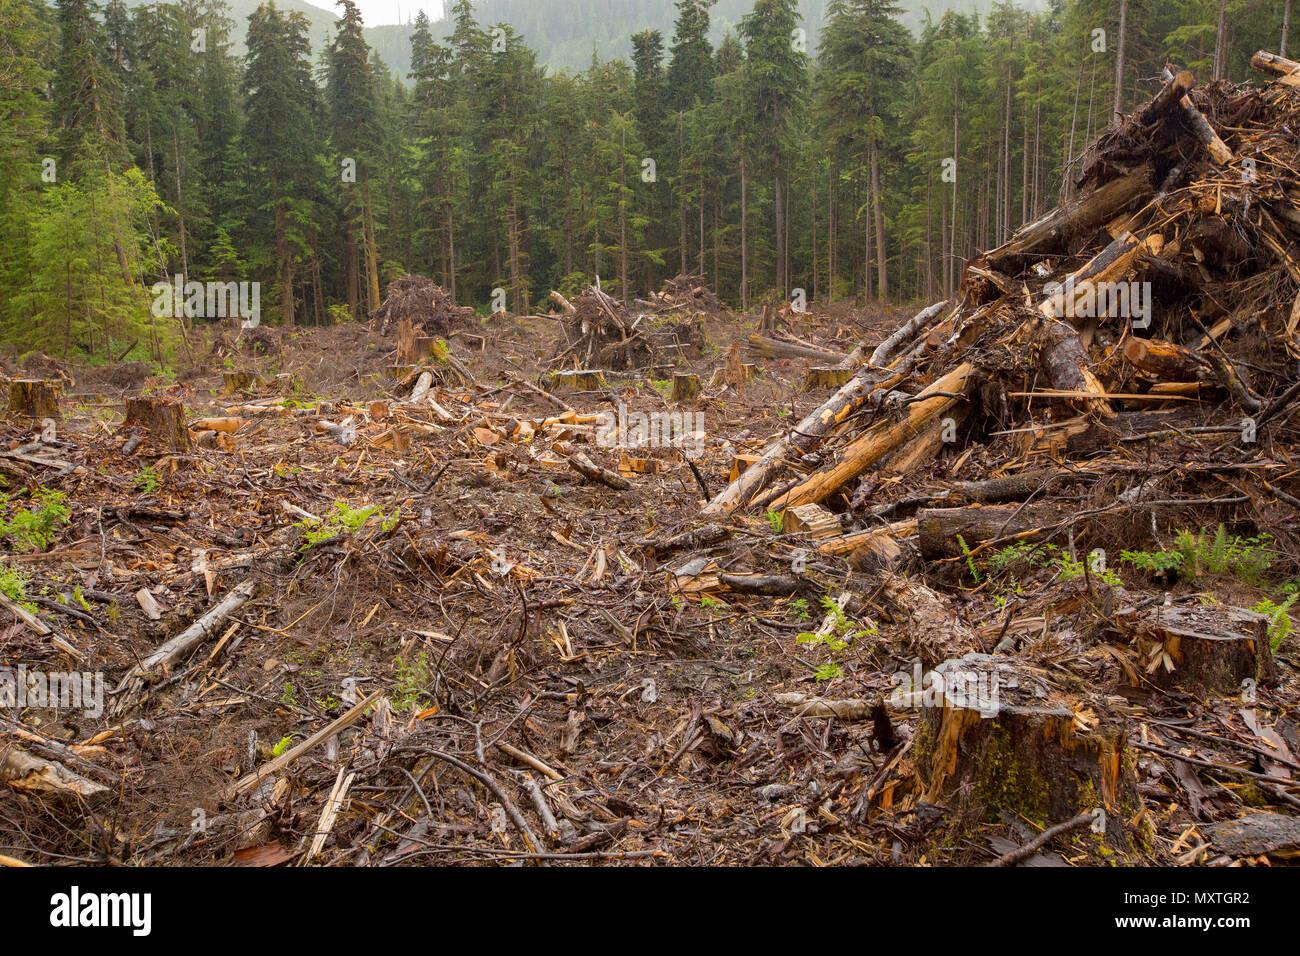 La déforestation l'exploitation forestière sur l'île de Vancouver. Coupe à blanc des arbres. British Columbia Canada. Photo Stock